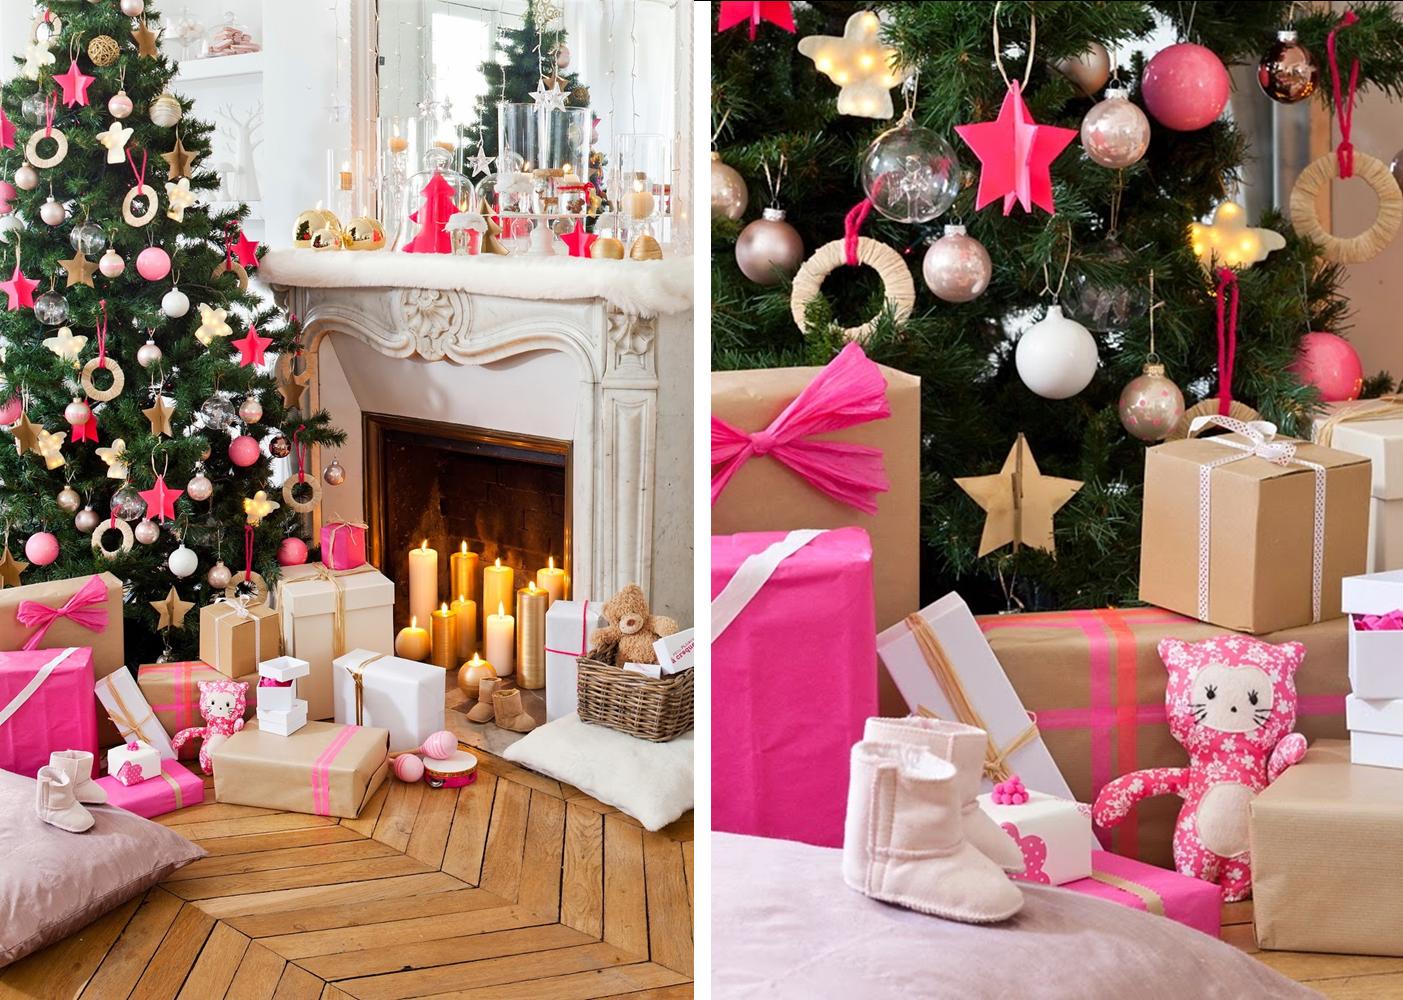 Decoraci n f cil mesa de navidad en rosa neon diy - Ideas para decorar mesa navidad ...